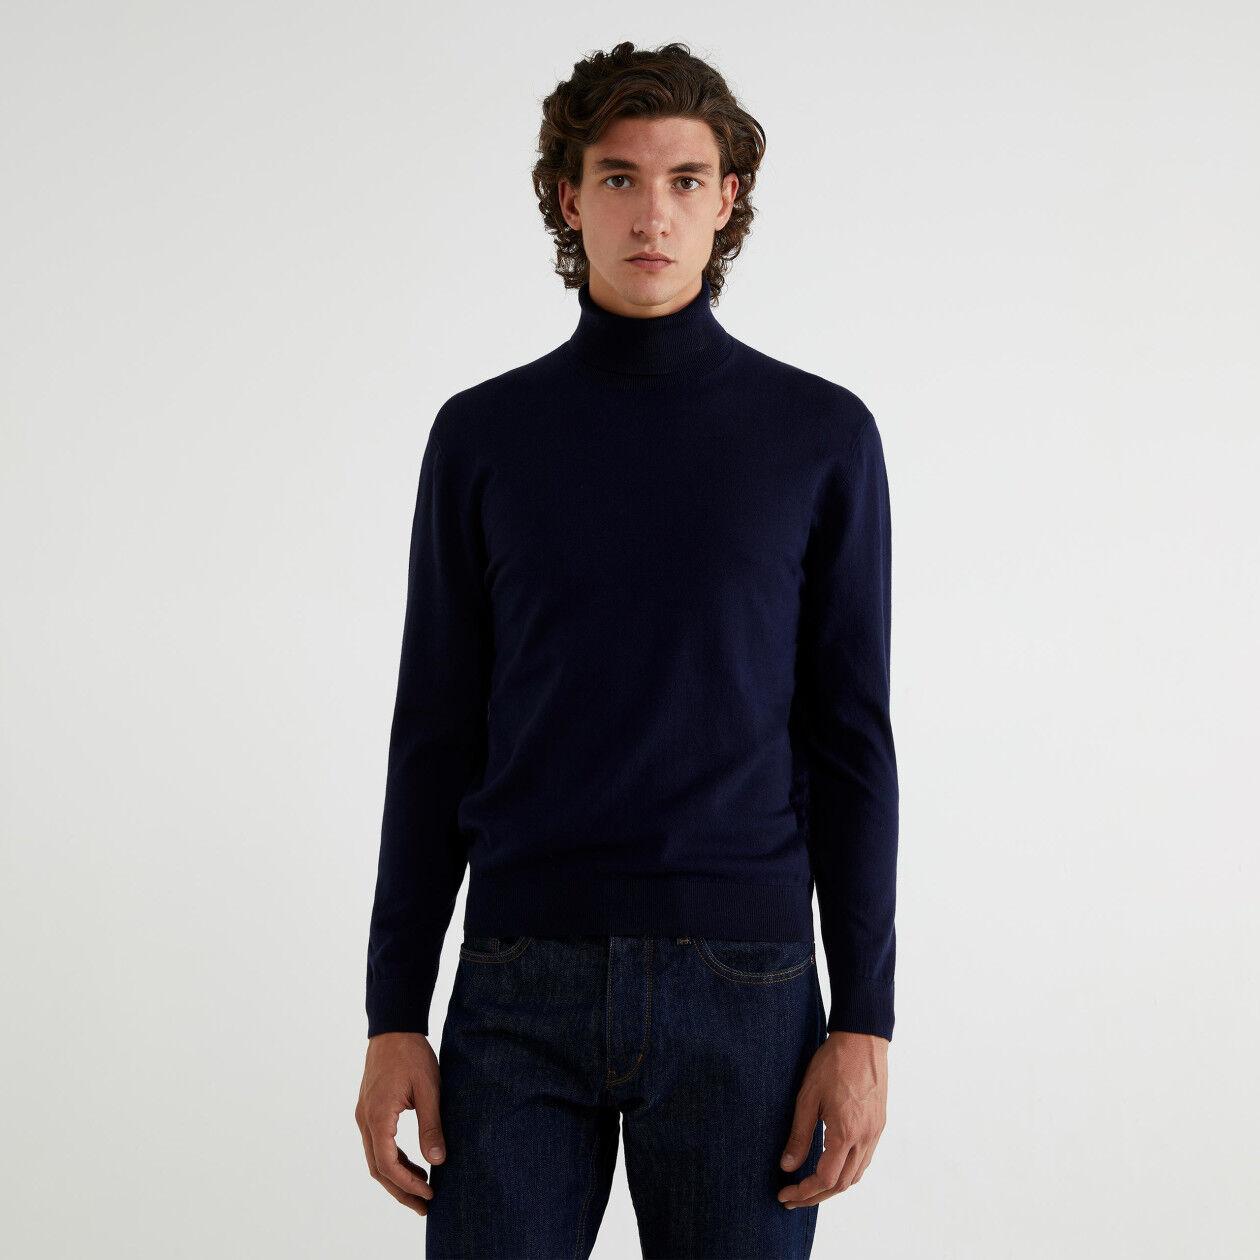 Jersey de cuello cisne de algodón tricot